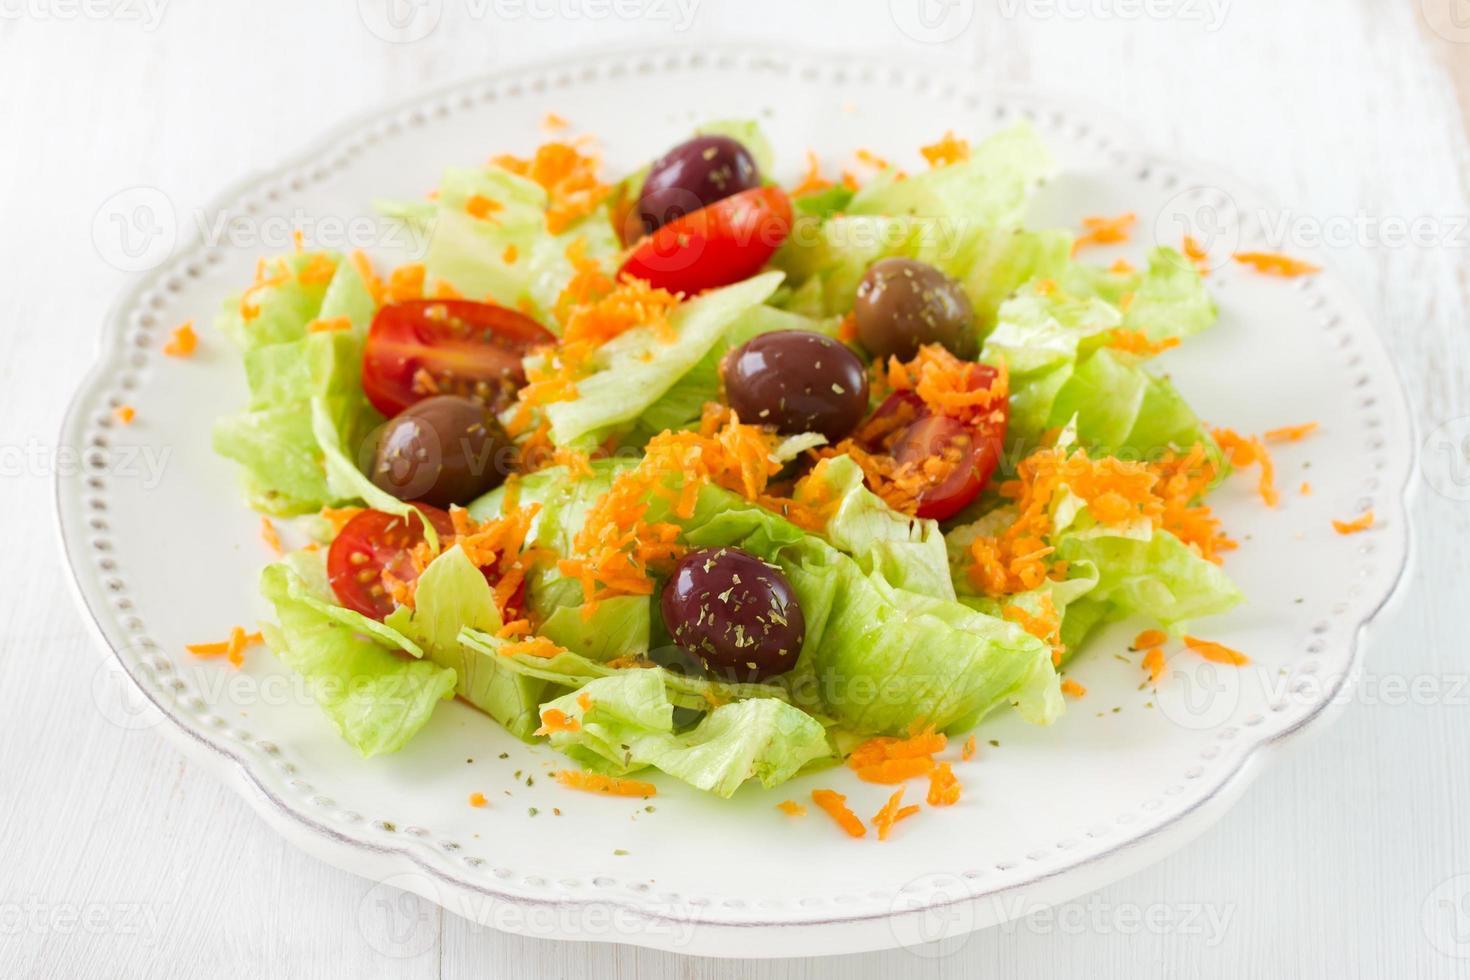 salade op de plaat foto